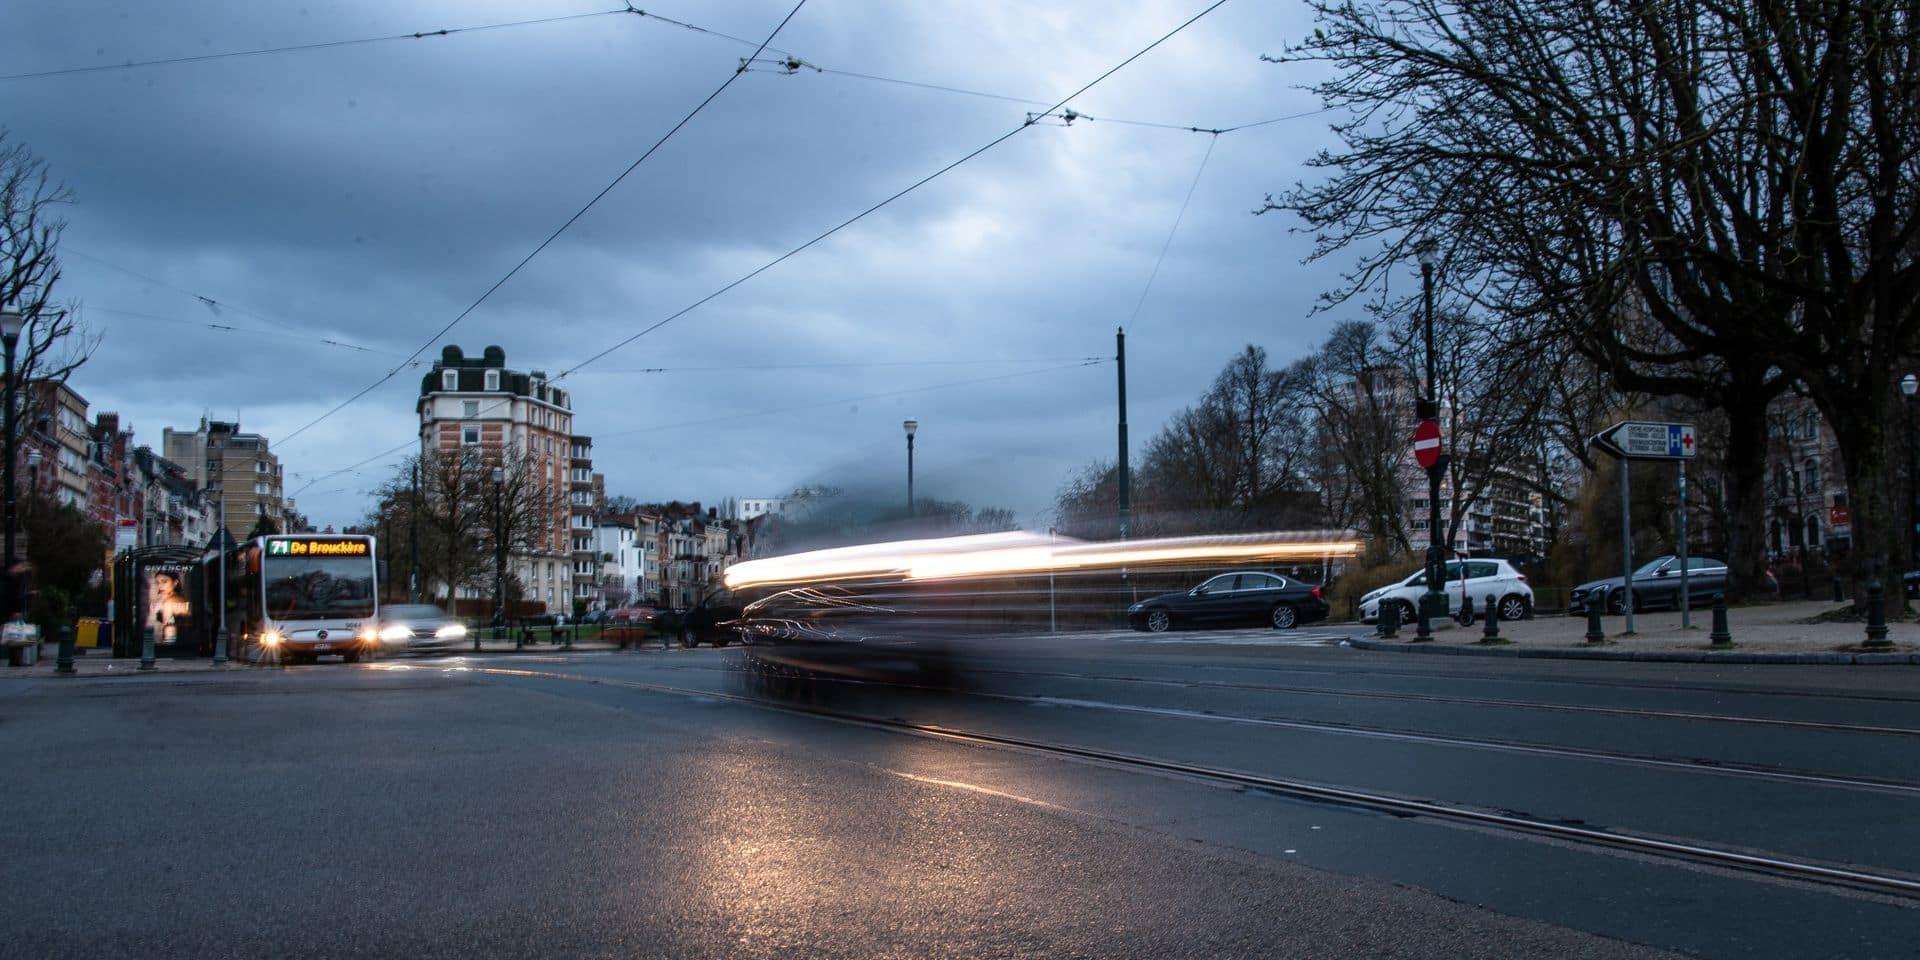 Rodéos urbains: la police de Bruxelles-Ouest va saisir les voitures des chauffards